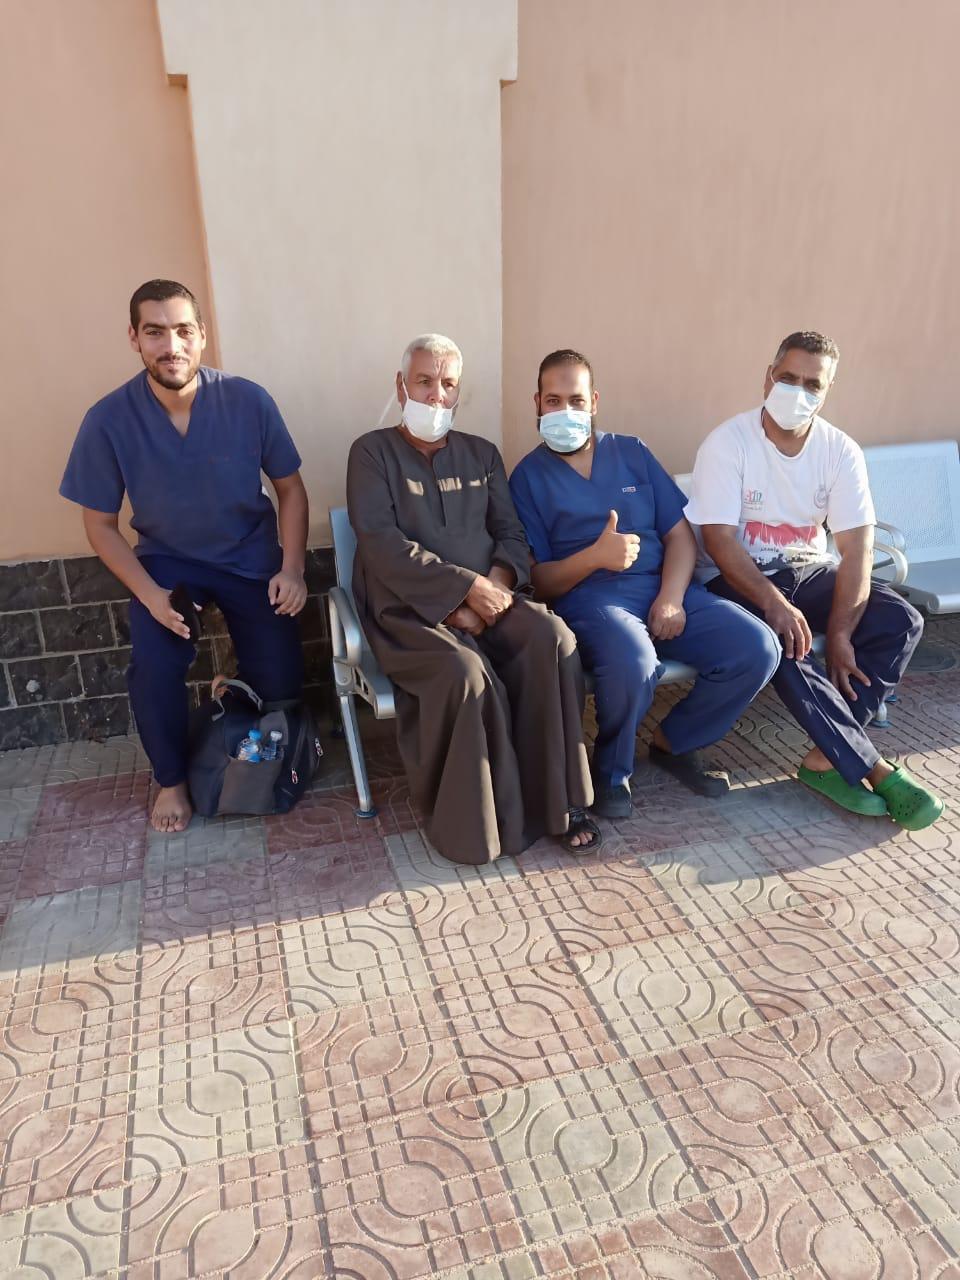 مستشفى عزل ملوي تحتفل بخروج 14 حالة بعد تعافيهم من فيروس كورونا (1)